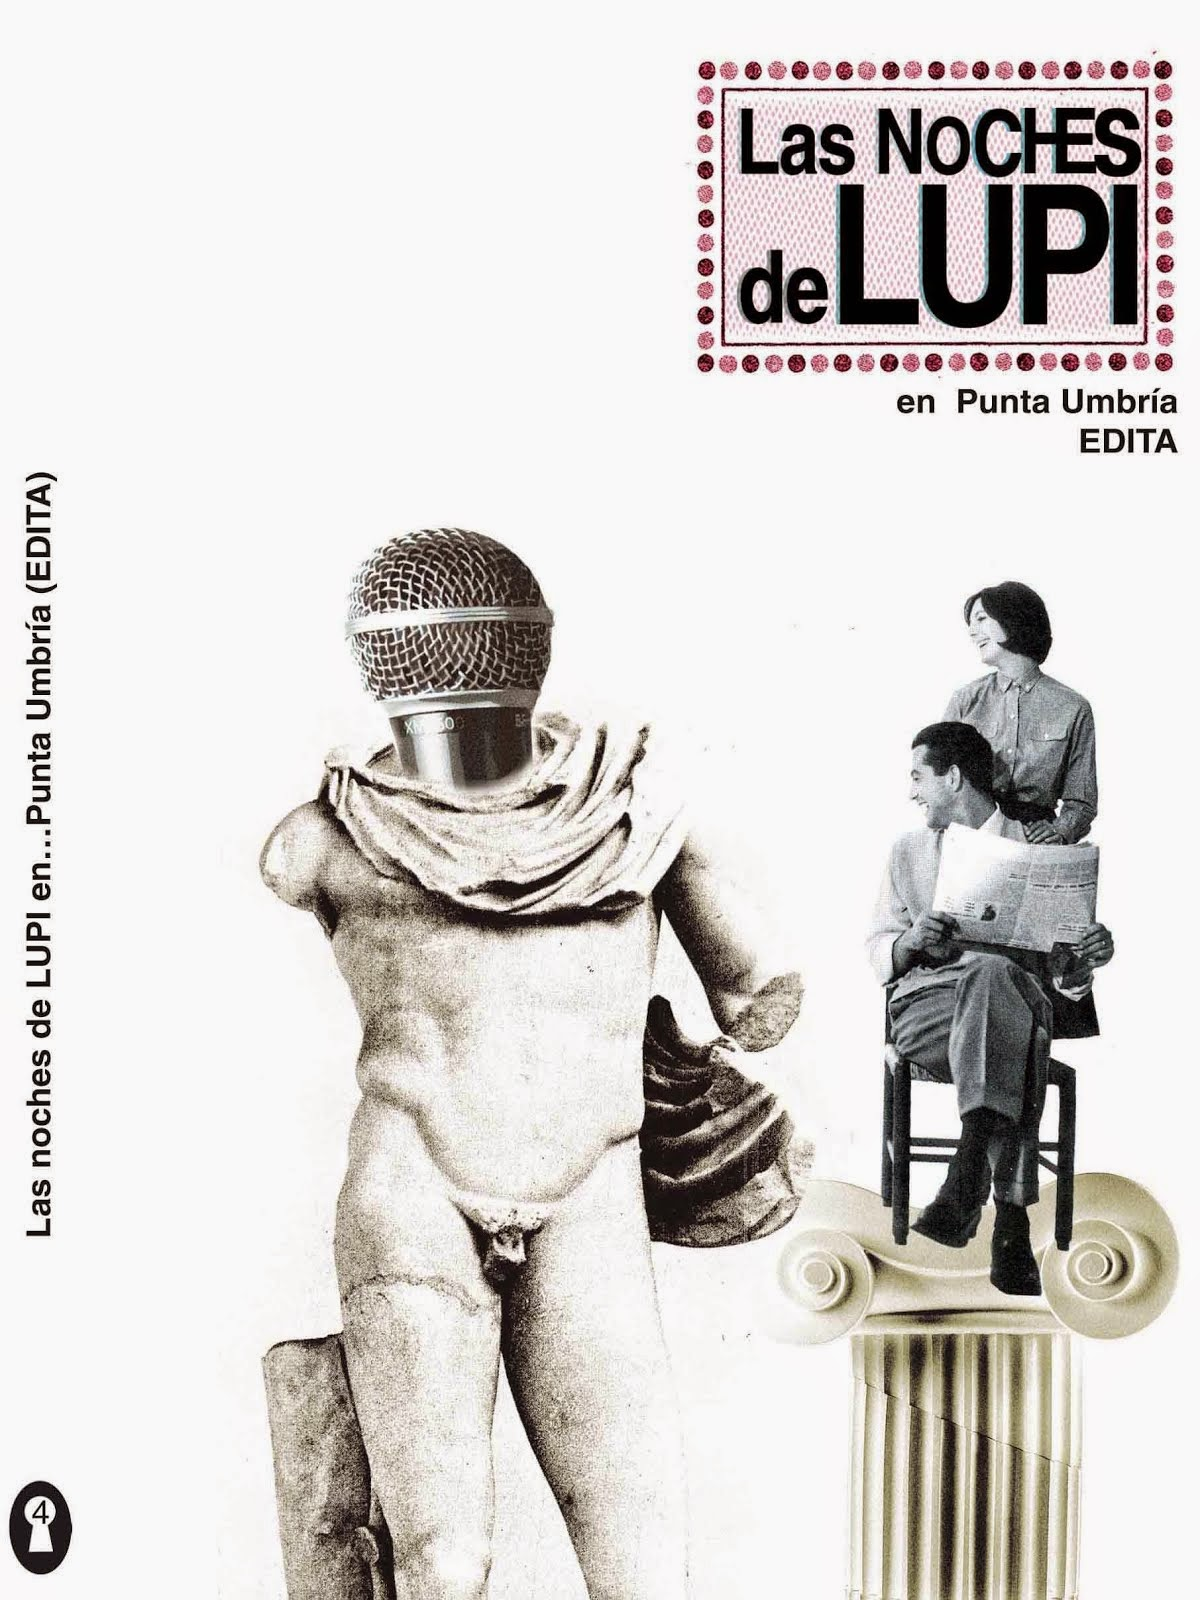 Las noches de Lupi en EDITA